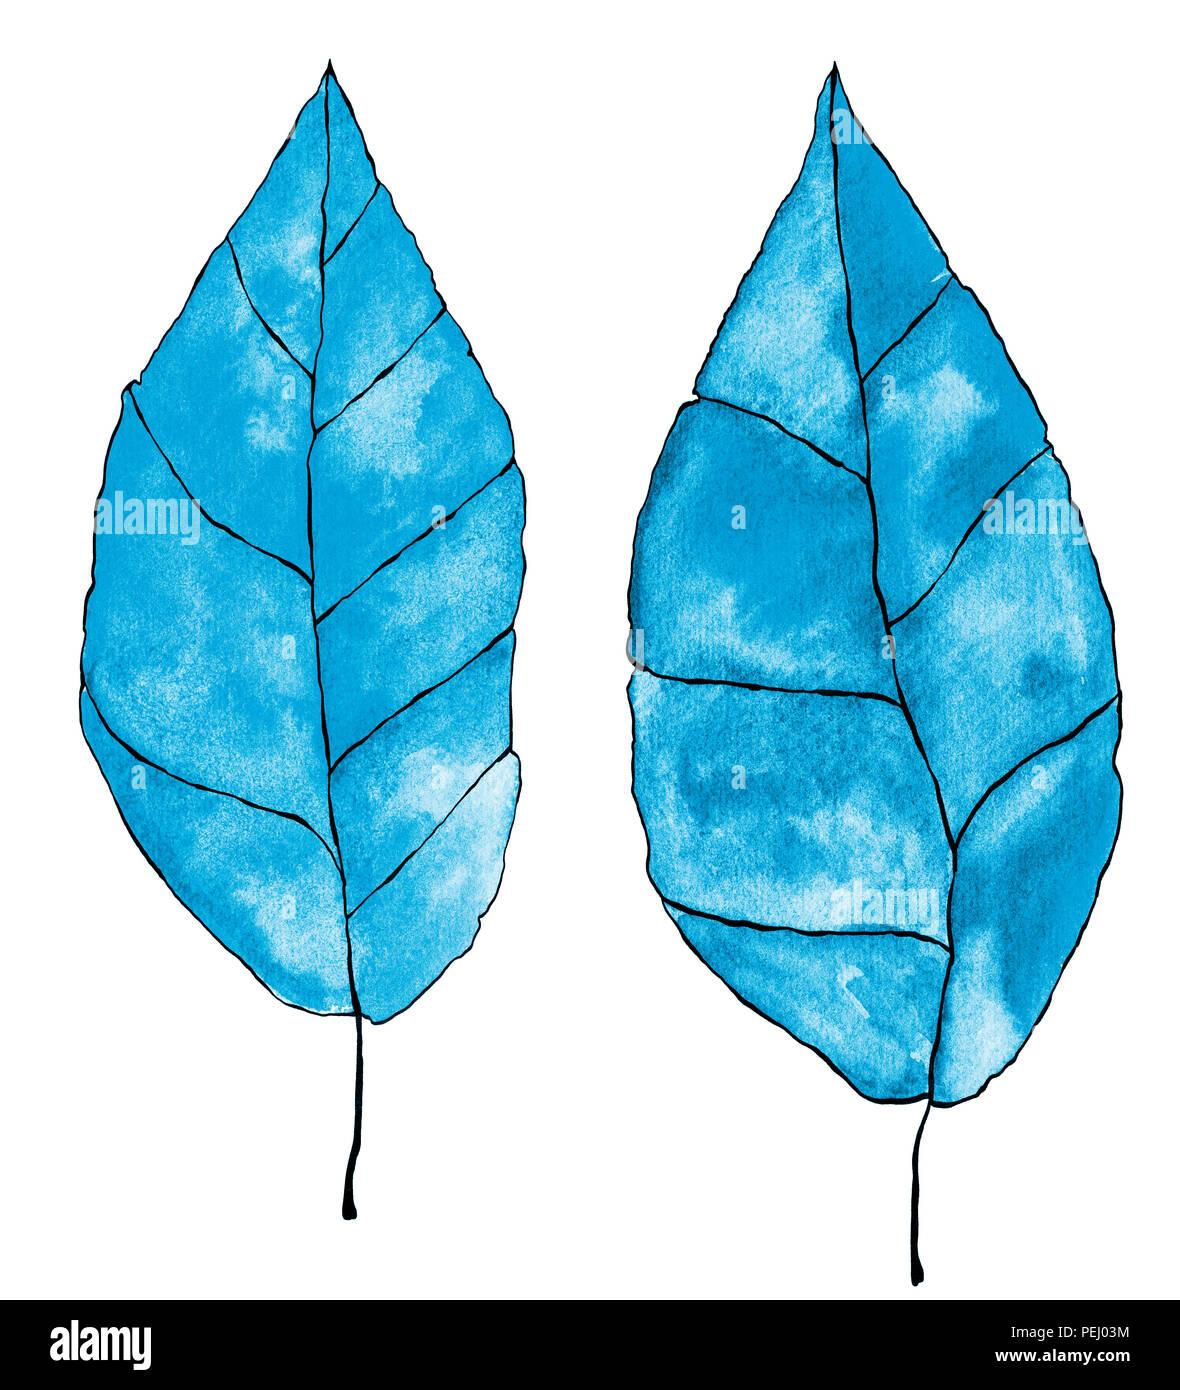 Ein Aquarell Abbildung 2 Zwei Blätter In Blau Blaugrün Türkis